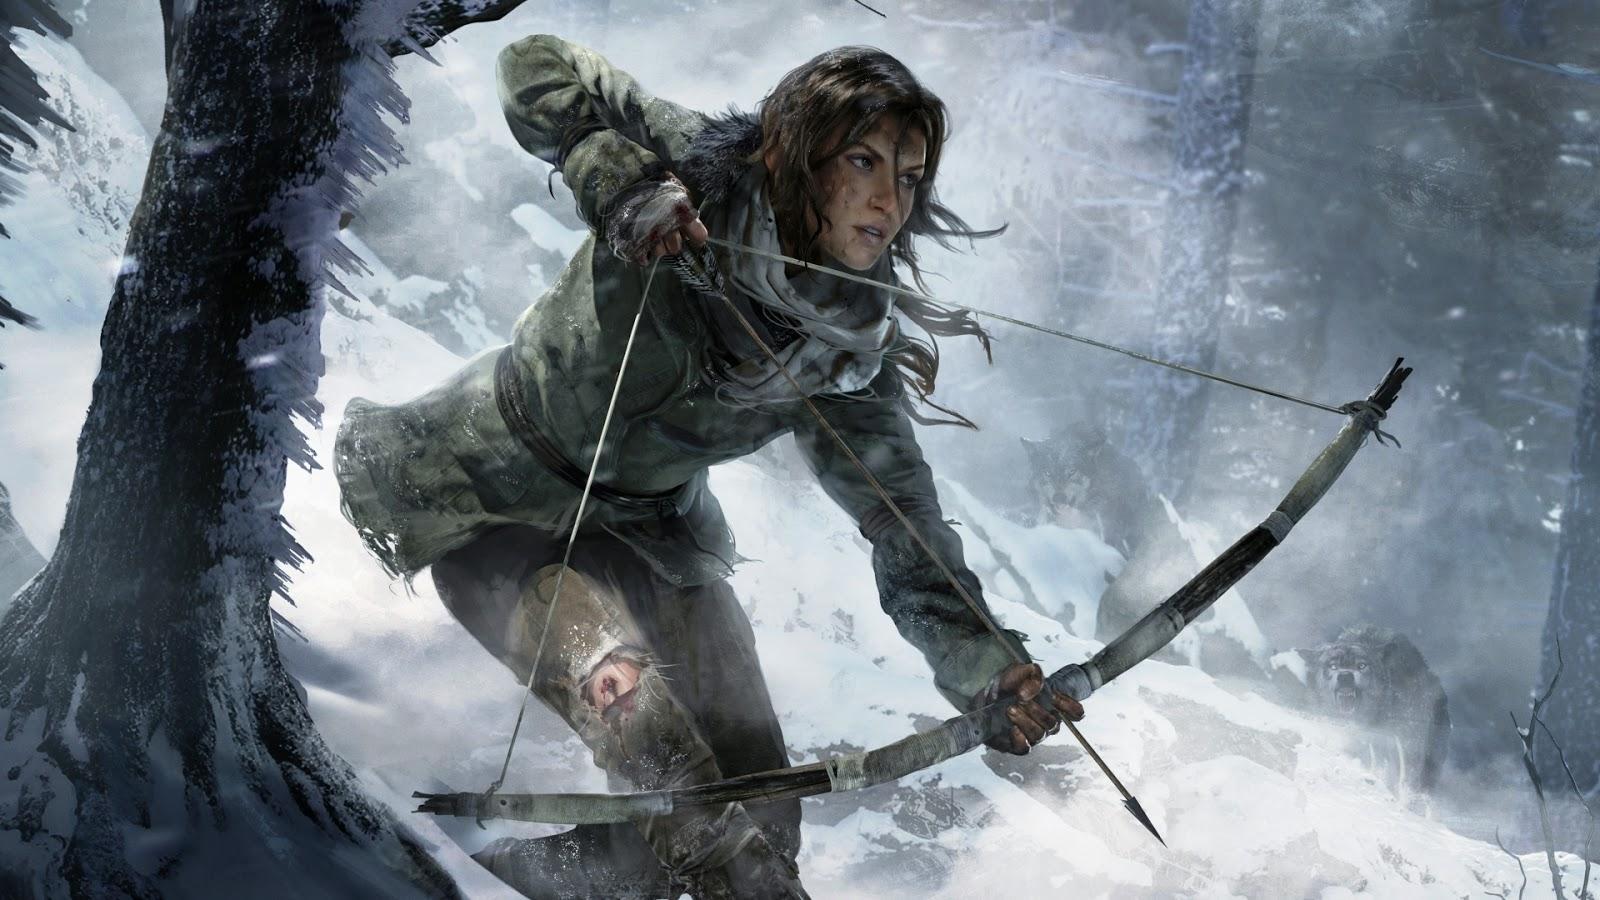 Dobry, zły i biedny – z dystansu przyglądamy się sprawie Tomb Raidera i działaniom Microsoftu